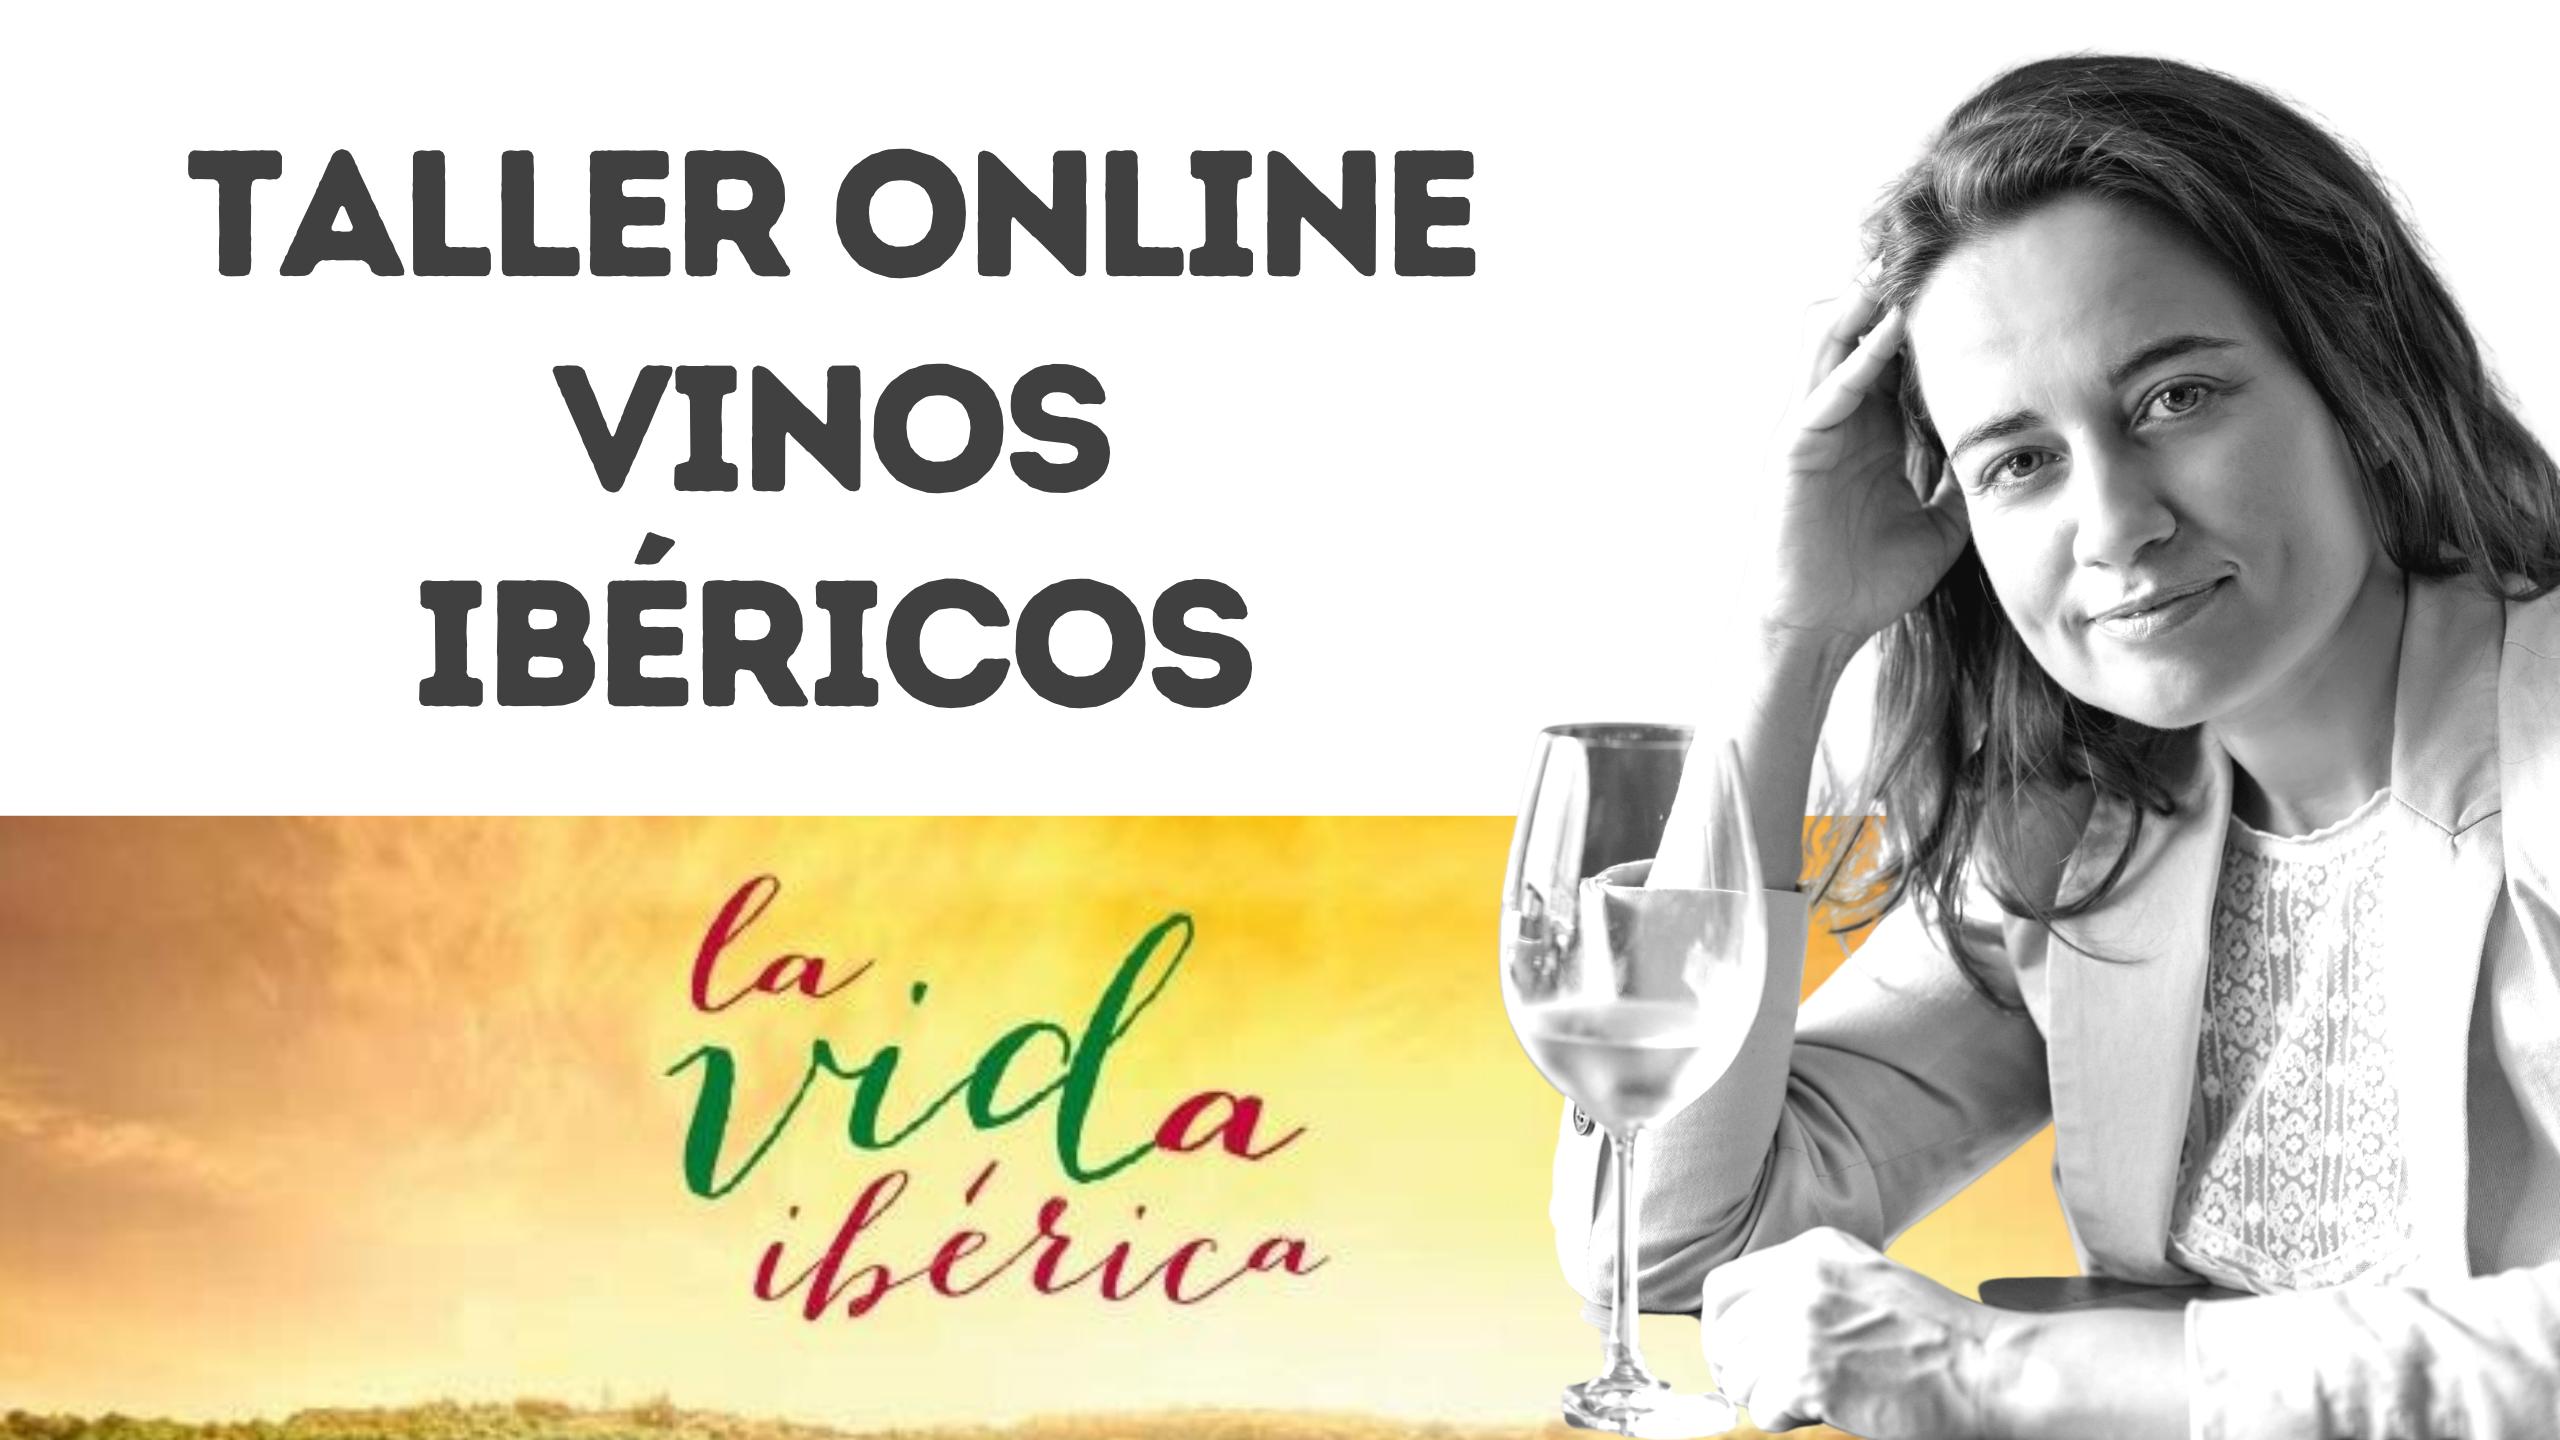 Taller Online Vinos Ibéricos